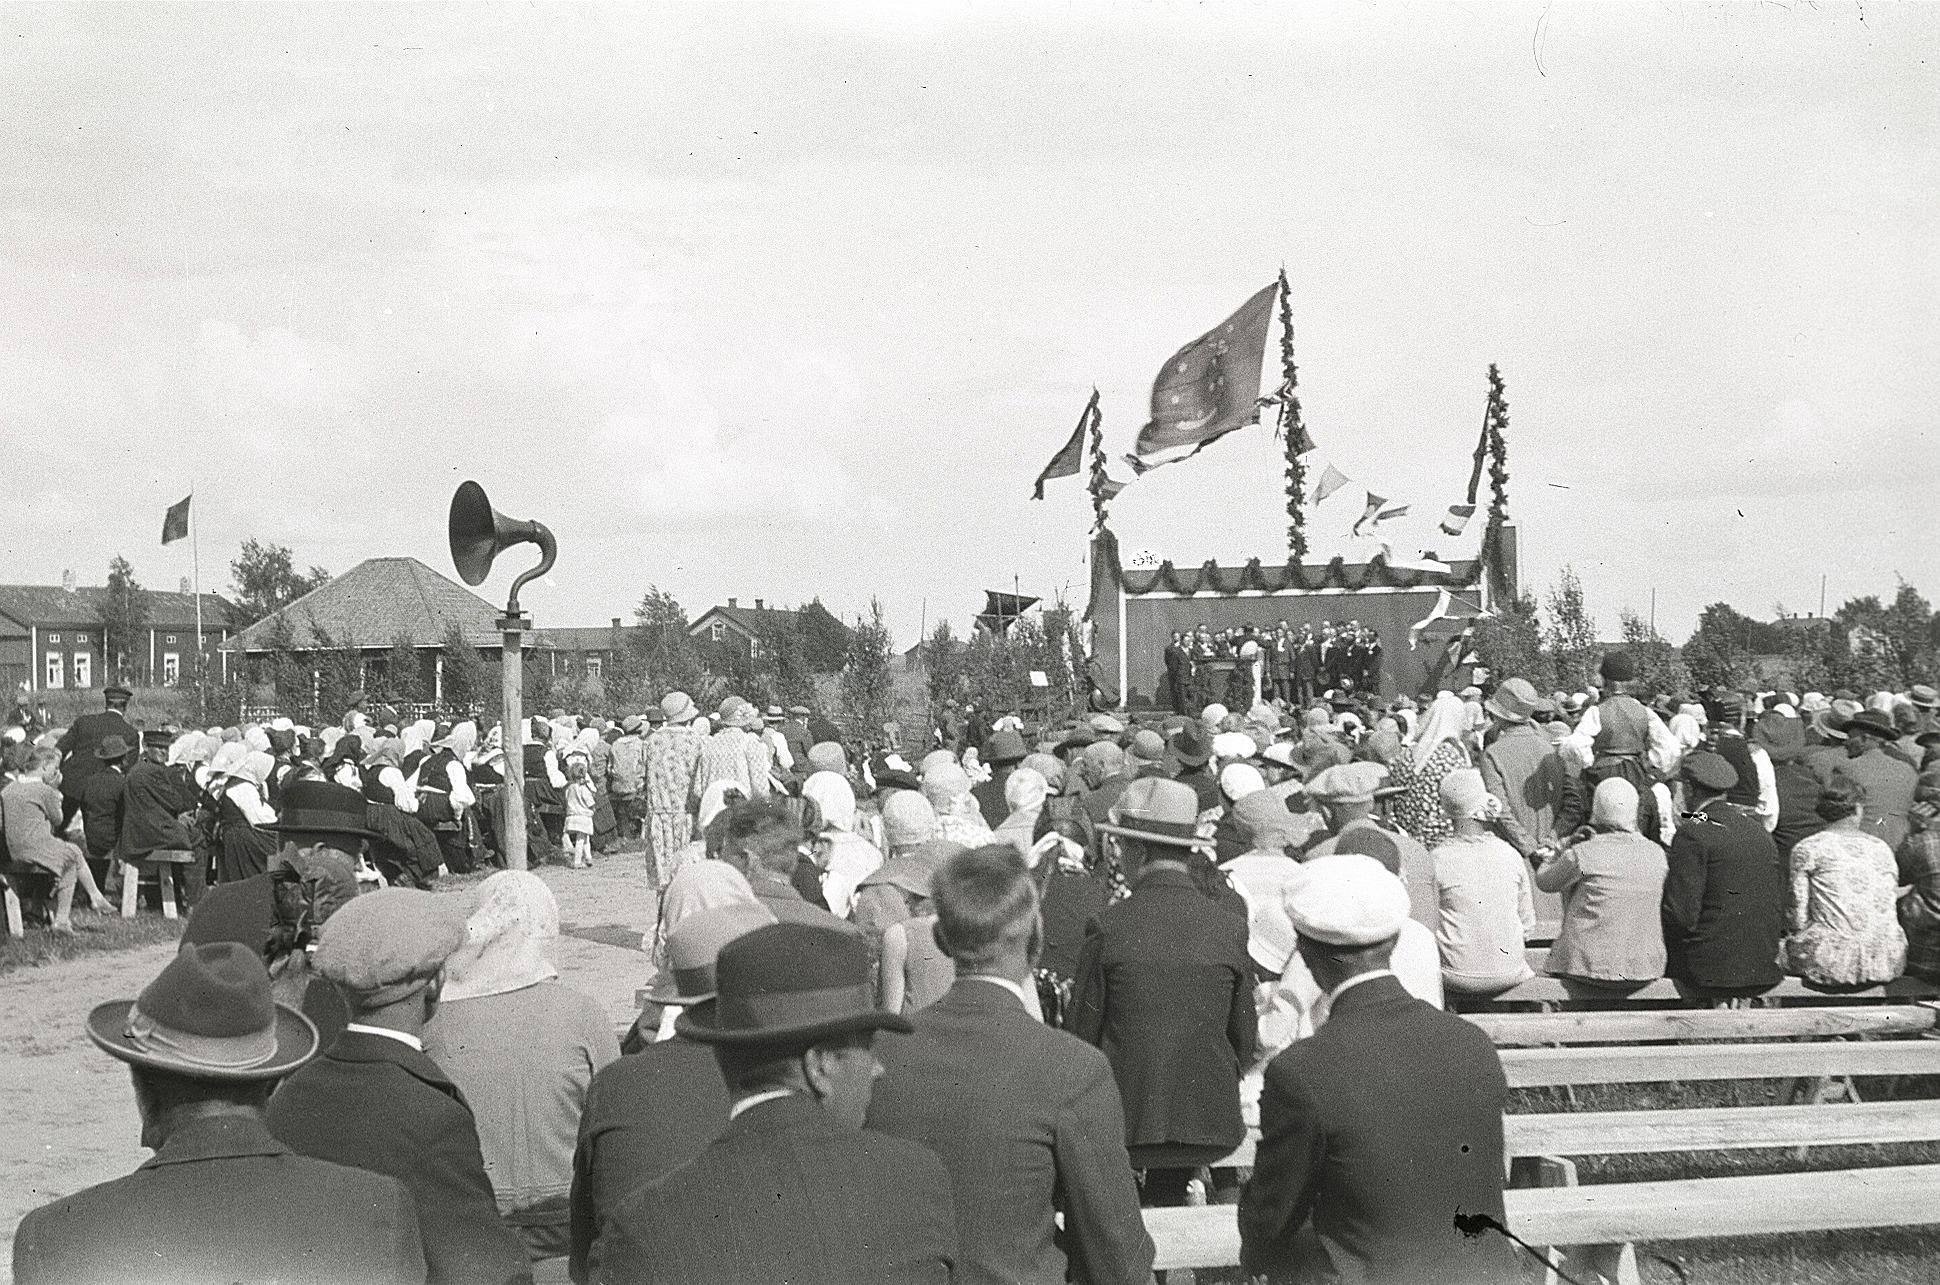 Publiken samlad för att lyssna på körsång på idrottsplanen i Lappfjärd år 1930. Notera speciellt högtalaren.